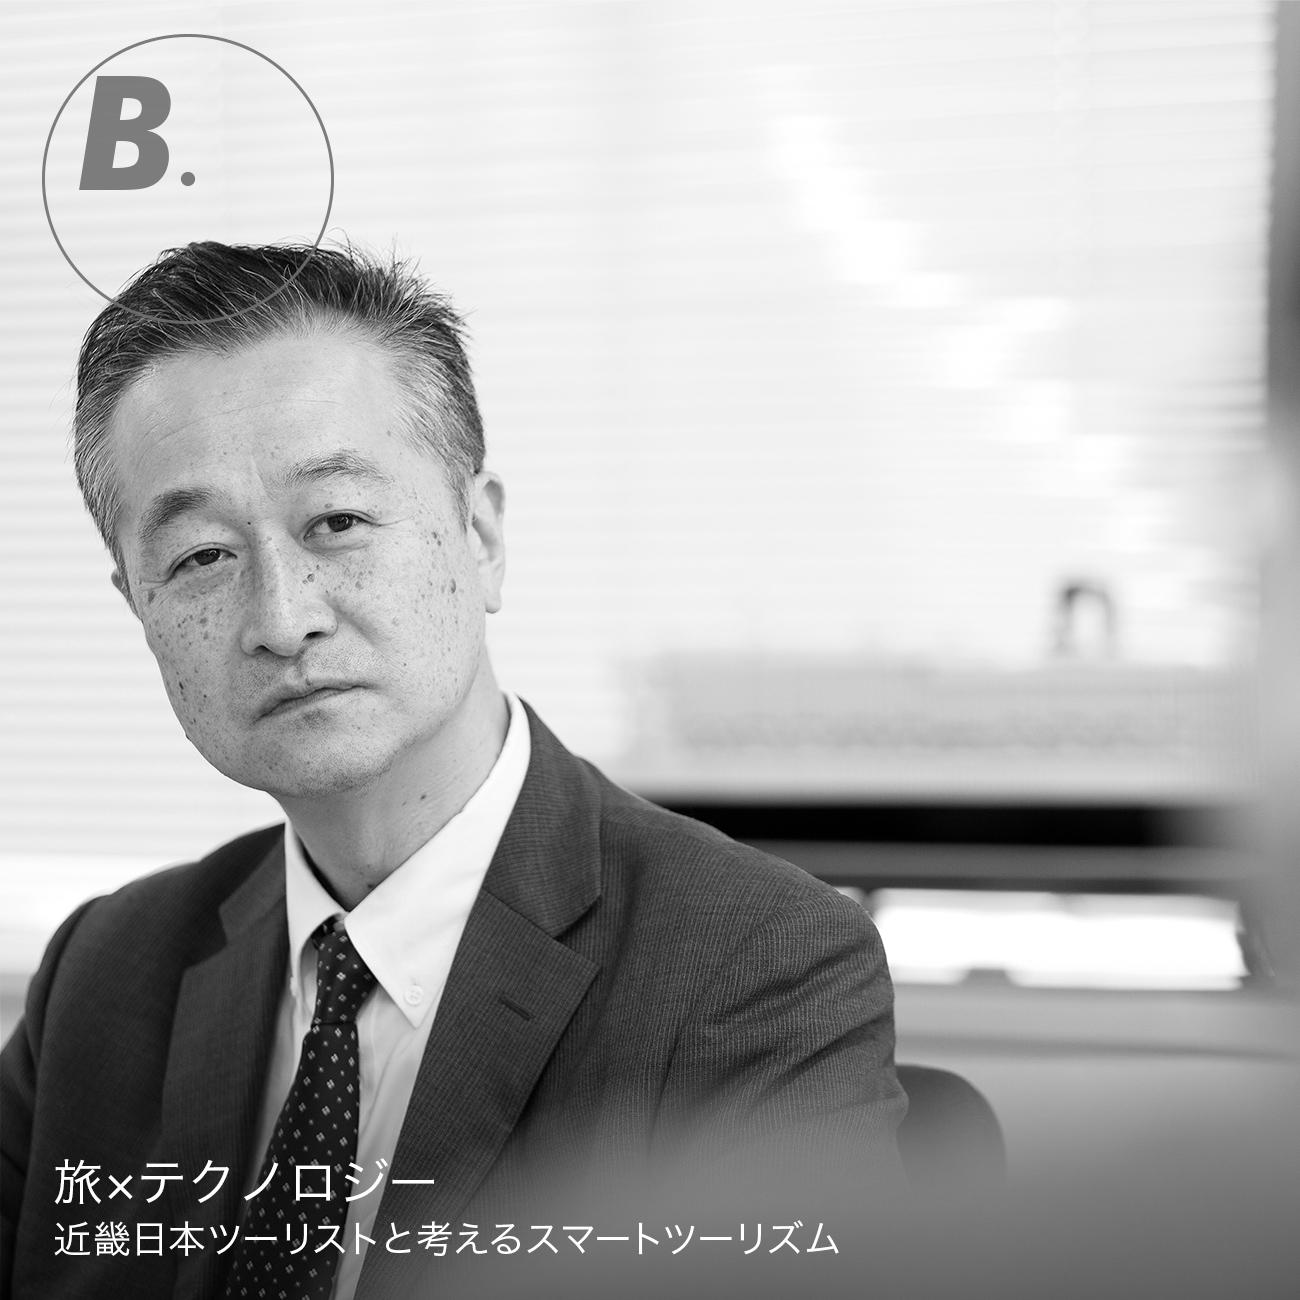 旅×テクノロジー ~近畿日本ツーリストと考えるスマートツーリズム~